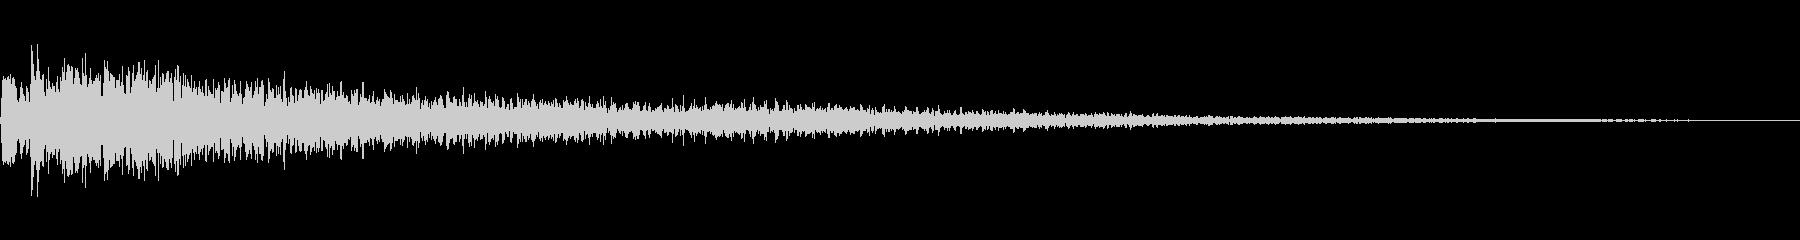 [ピョイン]選択音(コミカル)の未再生の波形